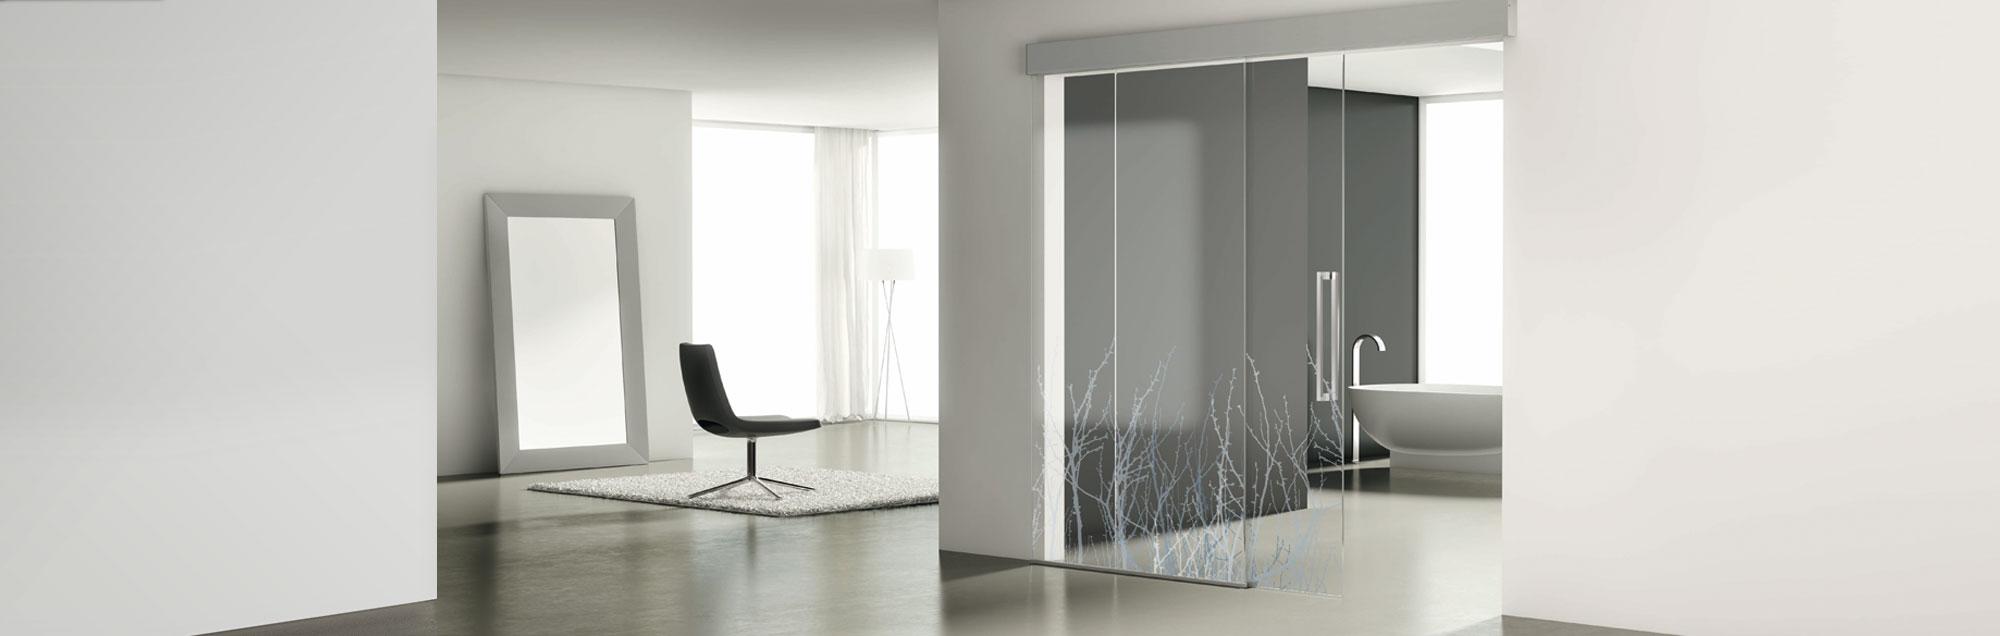 Serie Luxor de puertas correderas de vidrio a medida de PROFILTEK